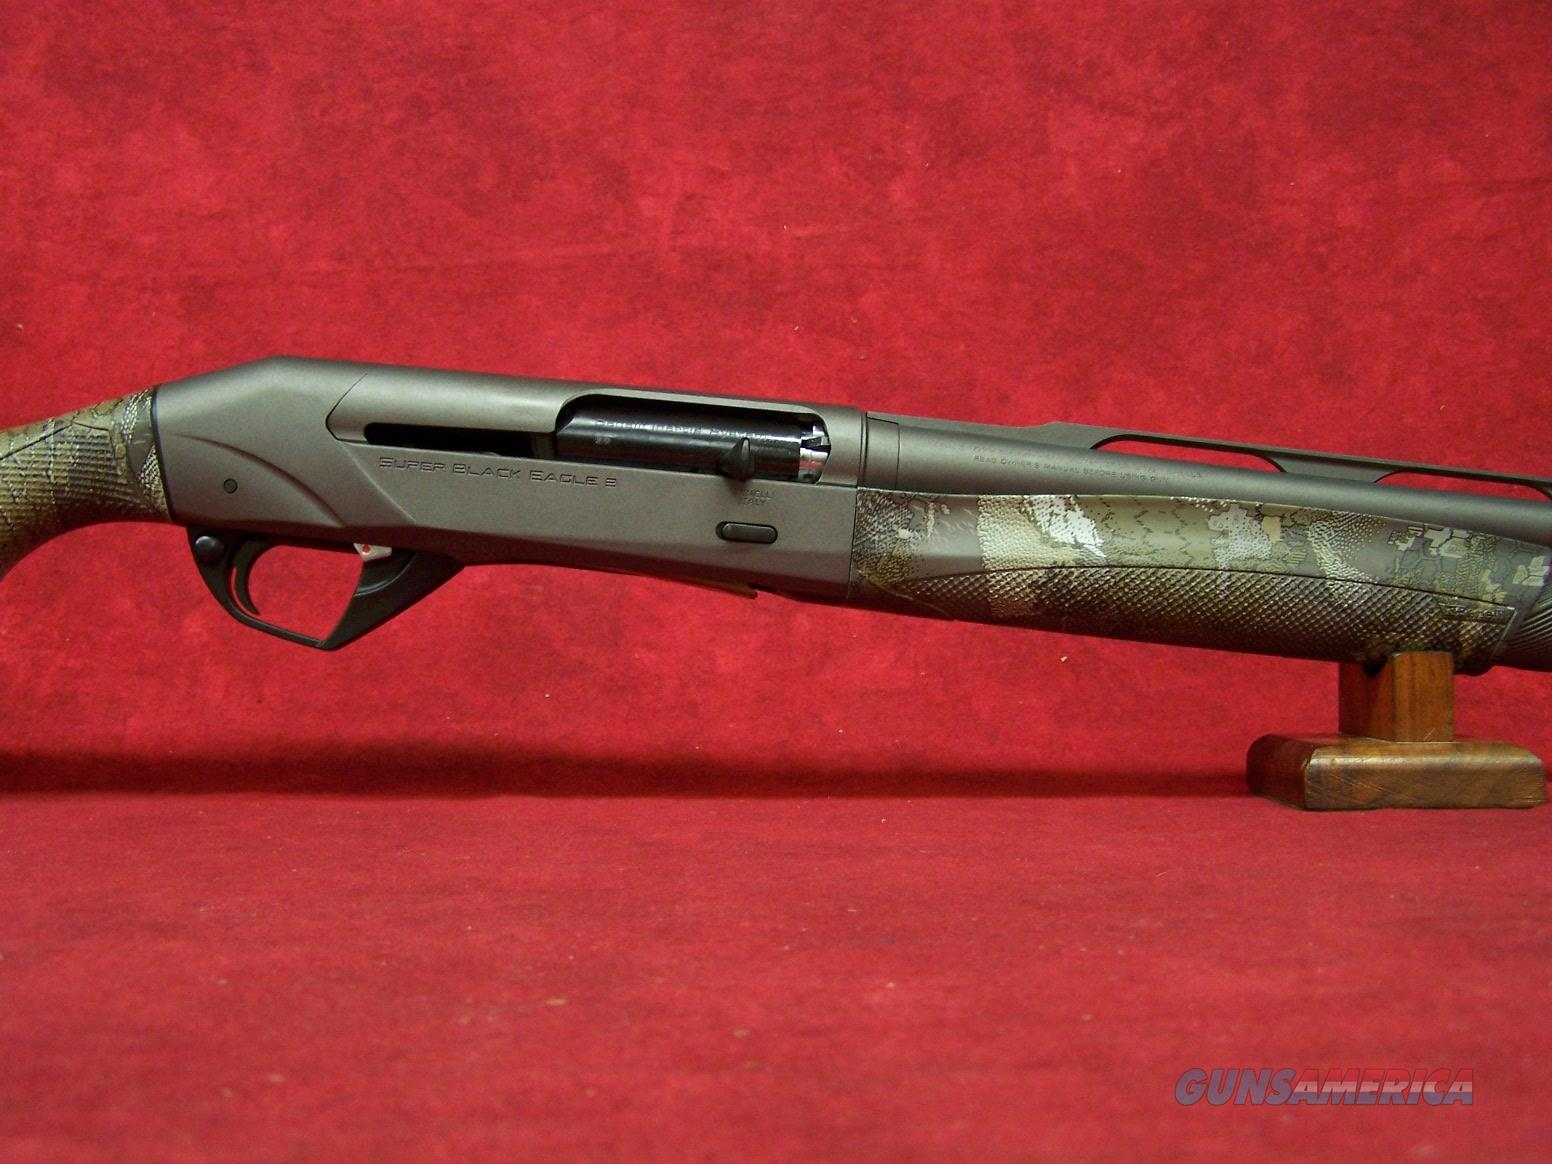 """Benelli Super Black Eagle 3 Tungsten Cerakote/ OptifadeTimber 12ga 3.5""""  28"""" (11230) SBE 3  Guns > Shotguns > Benelli Shotguns > Sporting"""